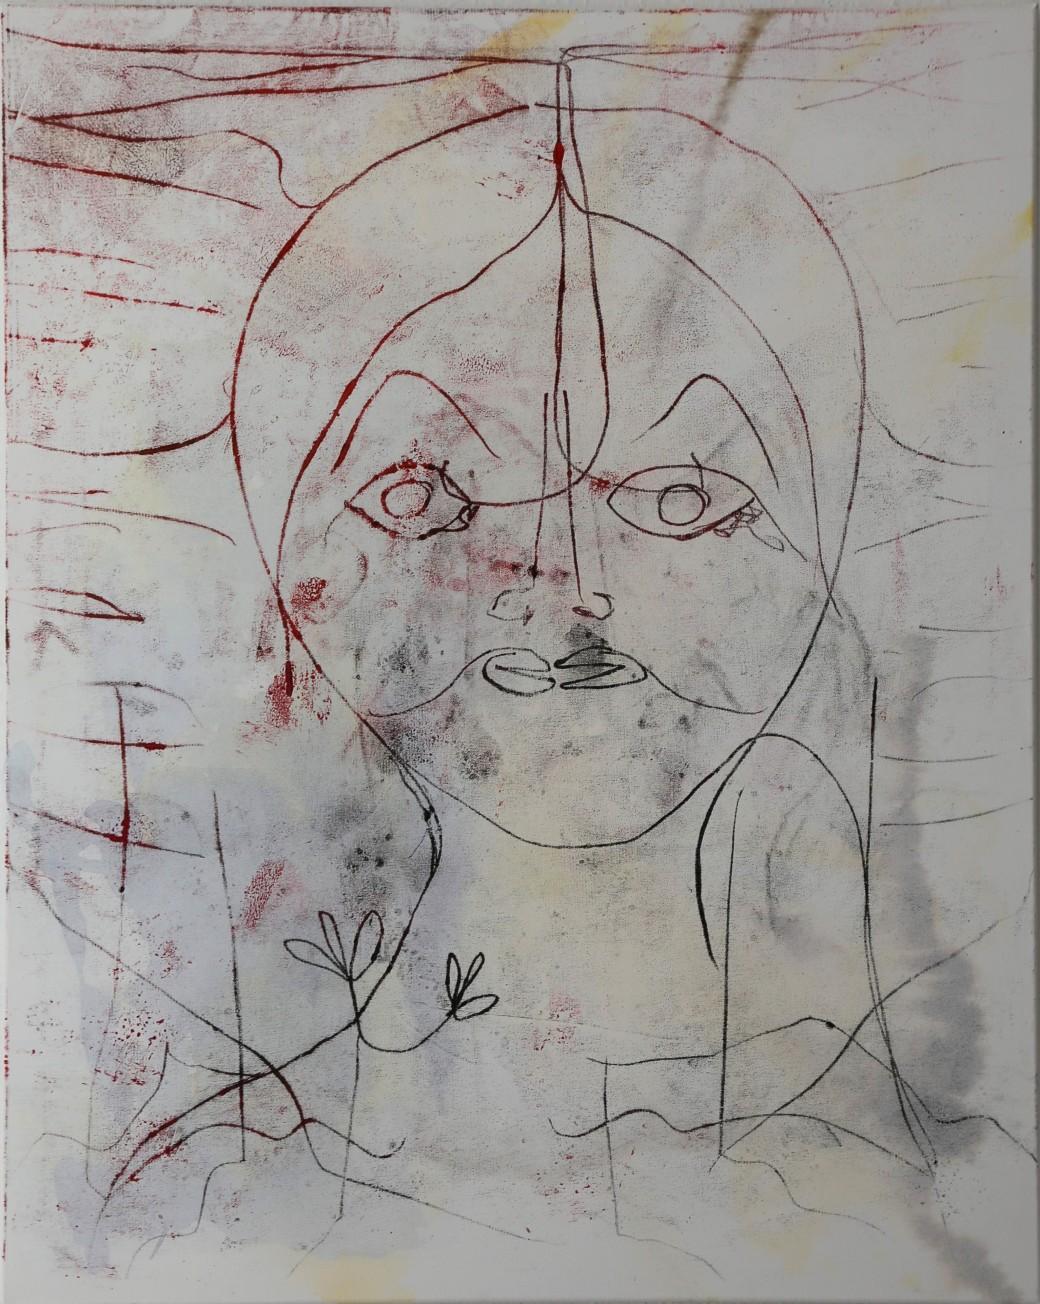 ReginaMariaBußmann,ohneTitel,MischtechnikaufLeinwand,80x100cm,September2019